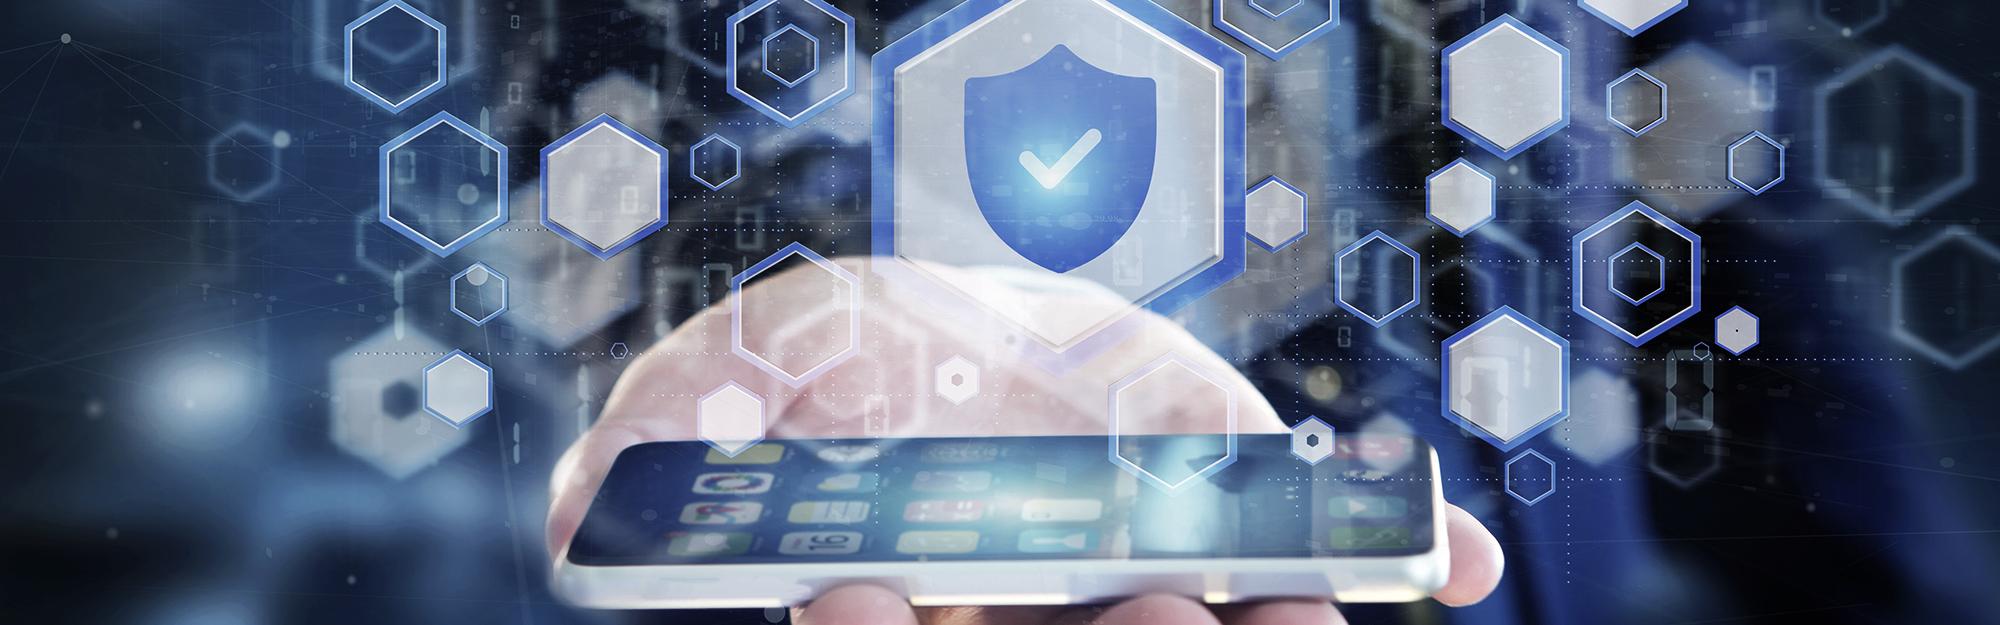 Mobile App Development: la customer experience passa anche dalla sicurezza delle applicazioni